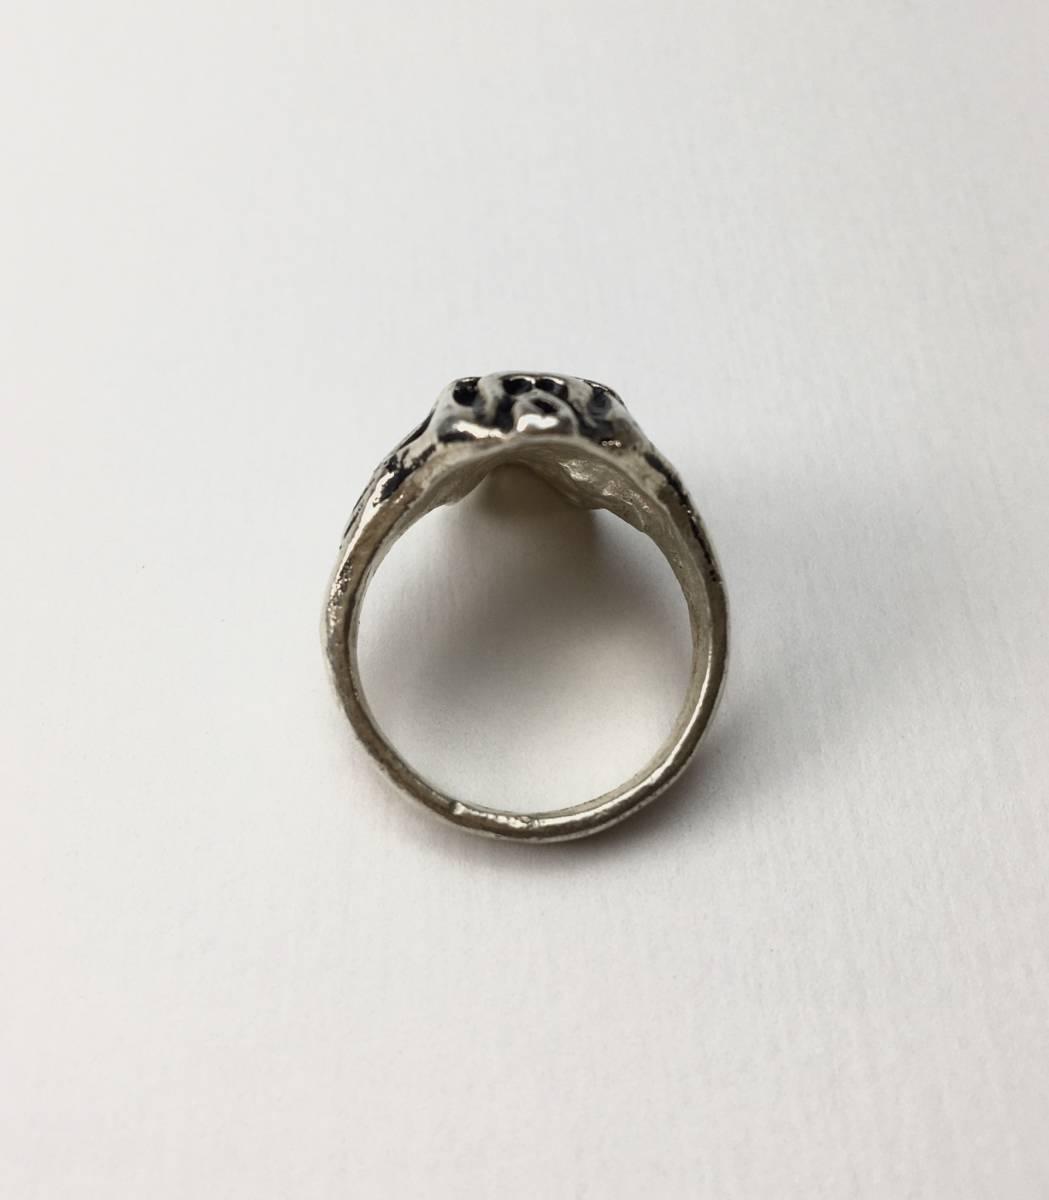 スカル リング 指輪 髑髏 ドクロ 骸骨 ガイコツ SKULL シルバーアクセサリー アンティーク アメリカ USA 雑貨 ヴィンテージ vintage 9_画像2